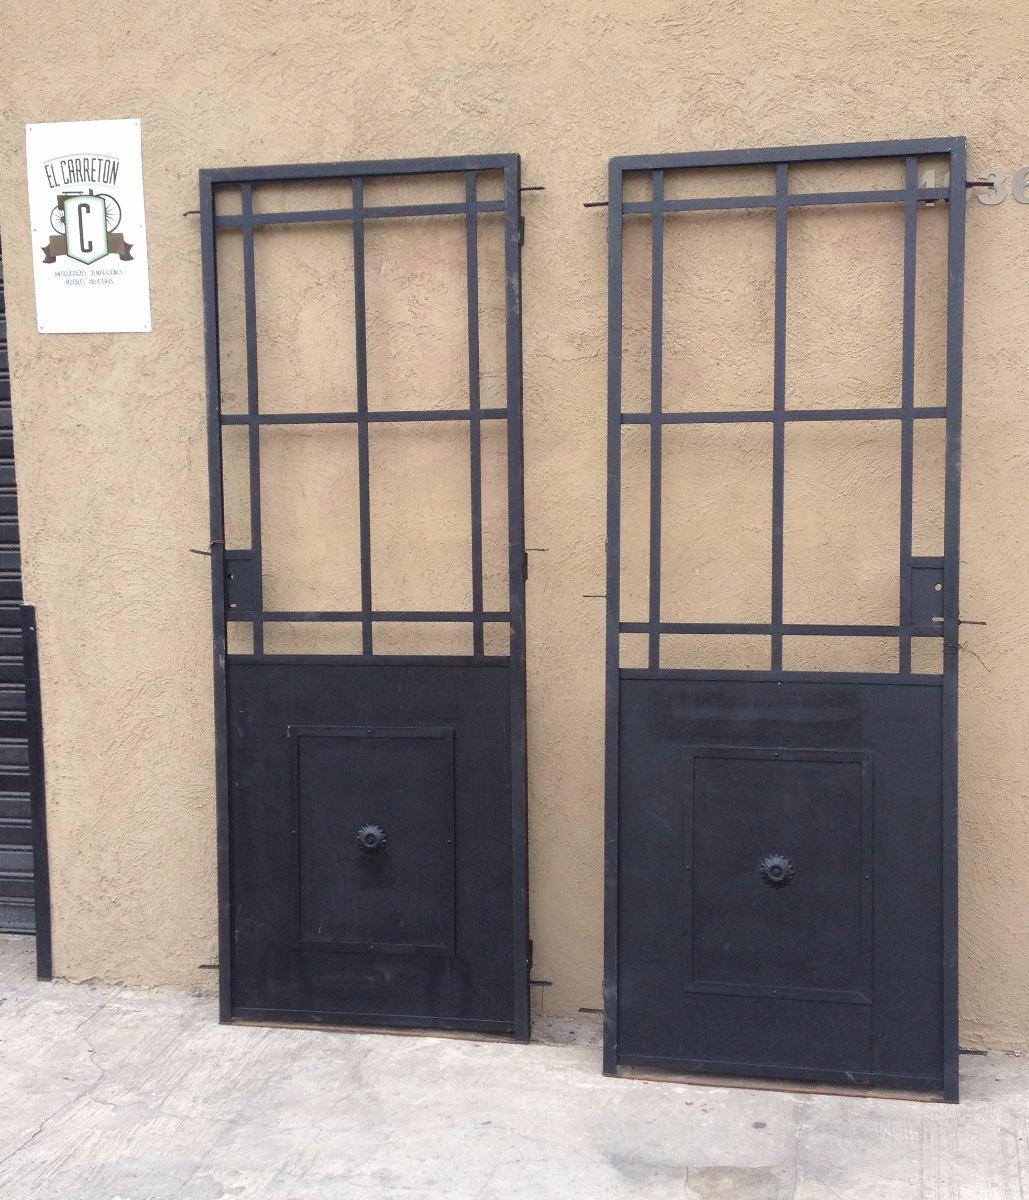 Puertas metalicas jardin affordable puertas metalicas - Puertas de hierro para jardin ...